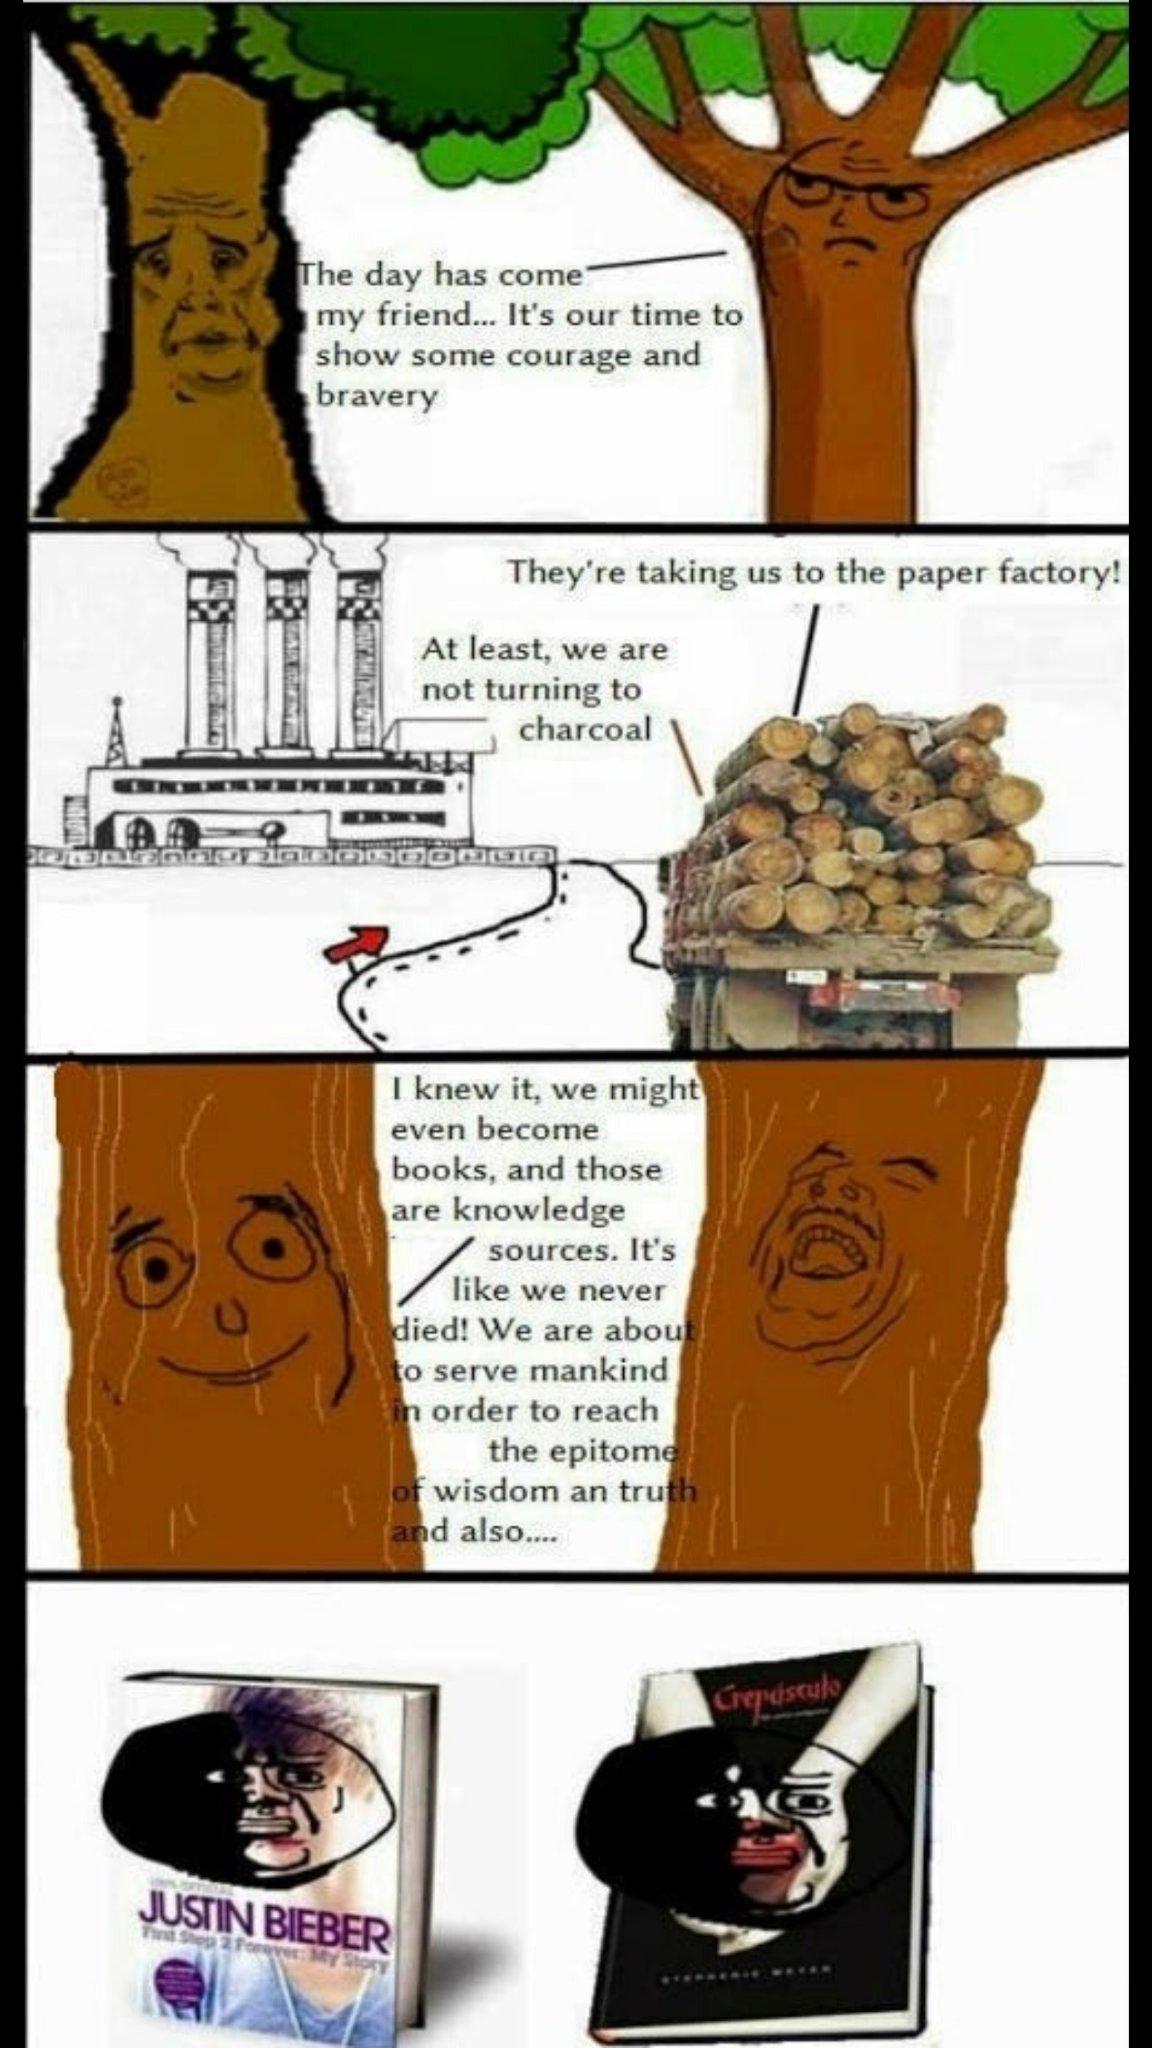 Save the trees, save the bees, save the whales, save those snails. - meme